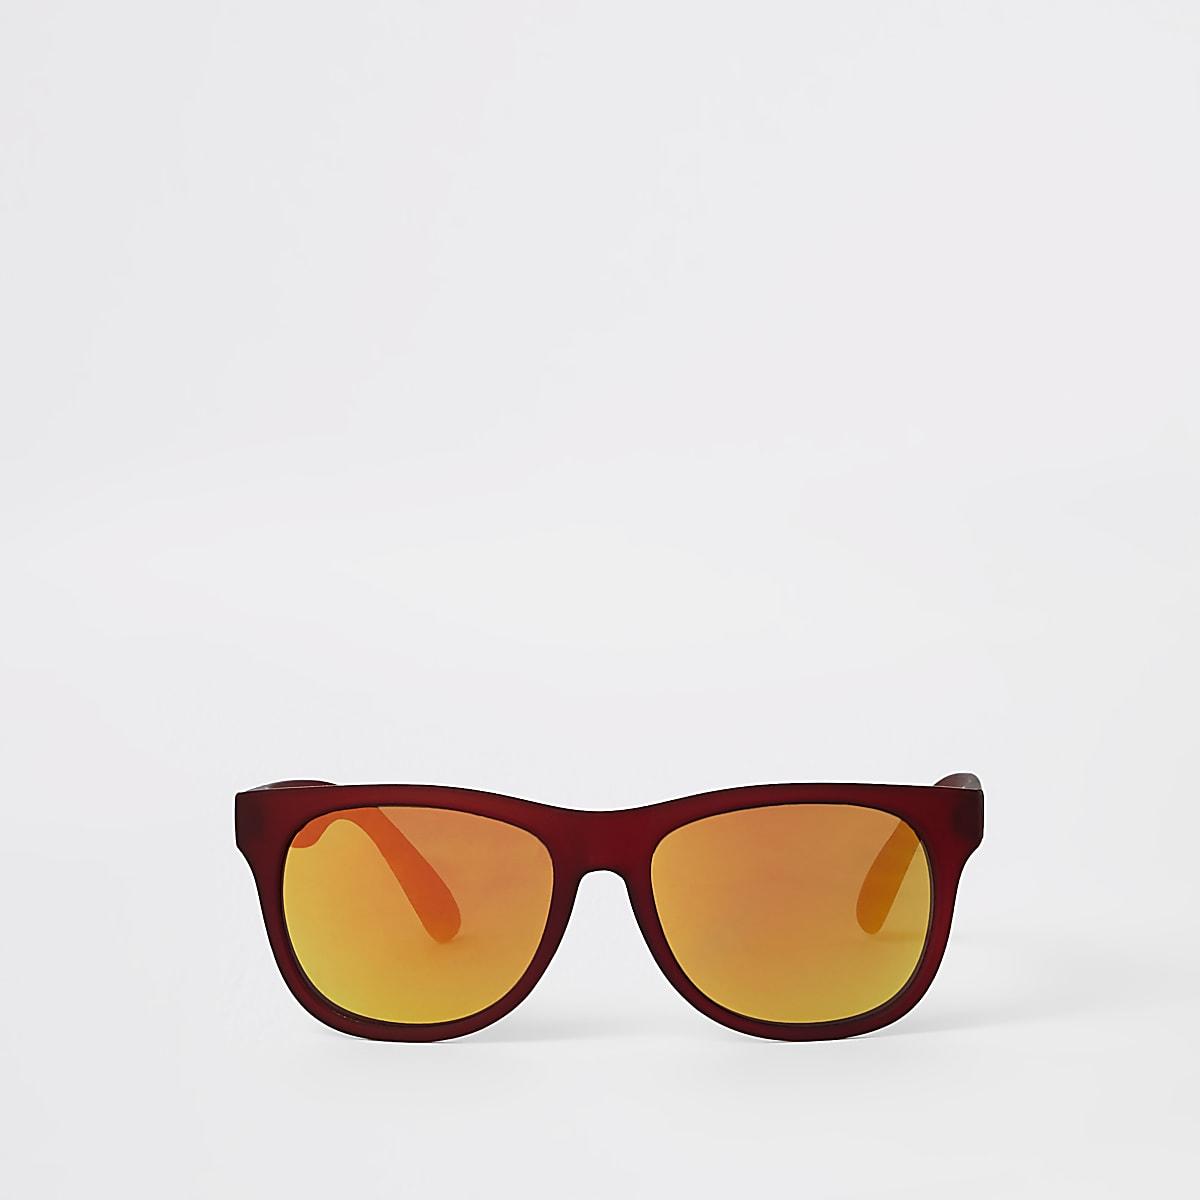 Boys red tinted lens retro sunglasses